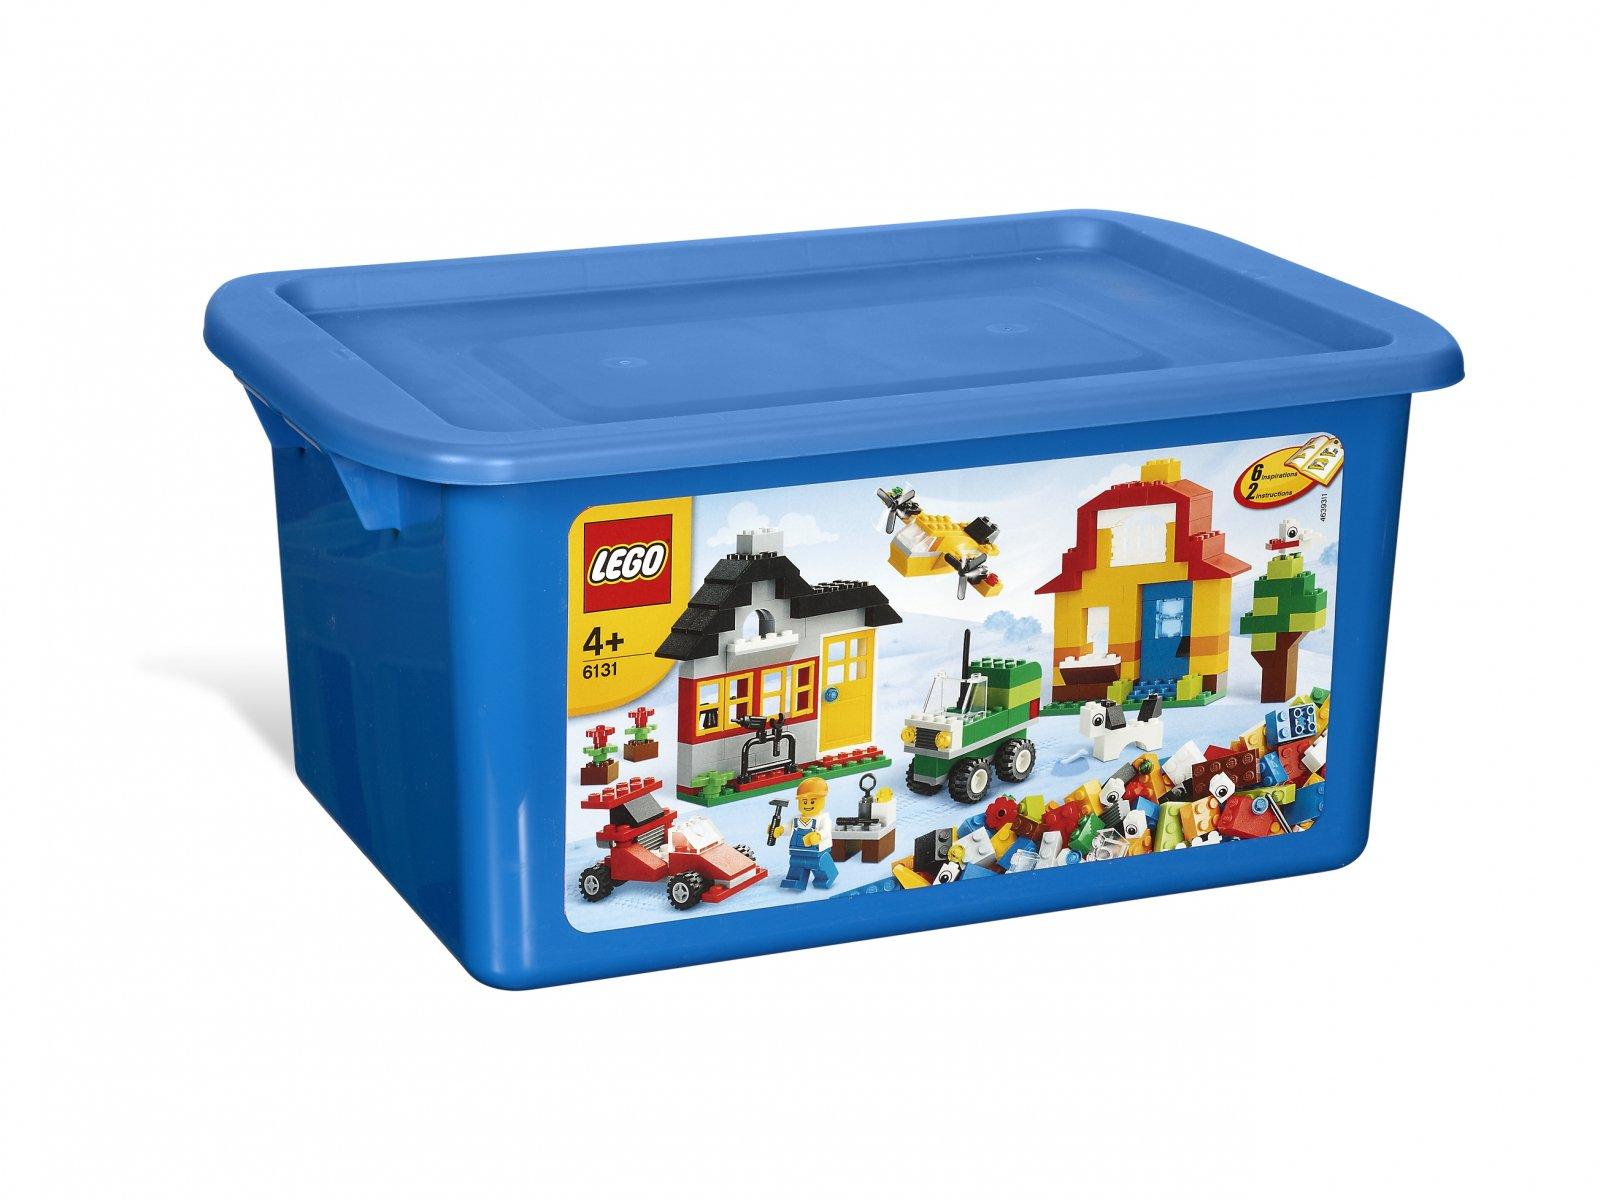 LEGO Bricks & More Build & Play 6131